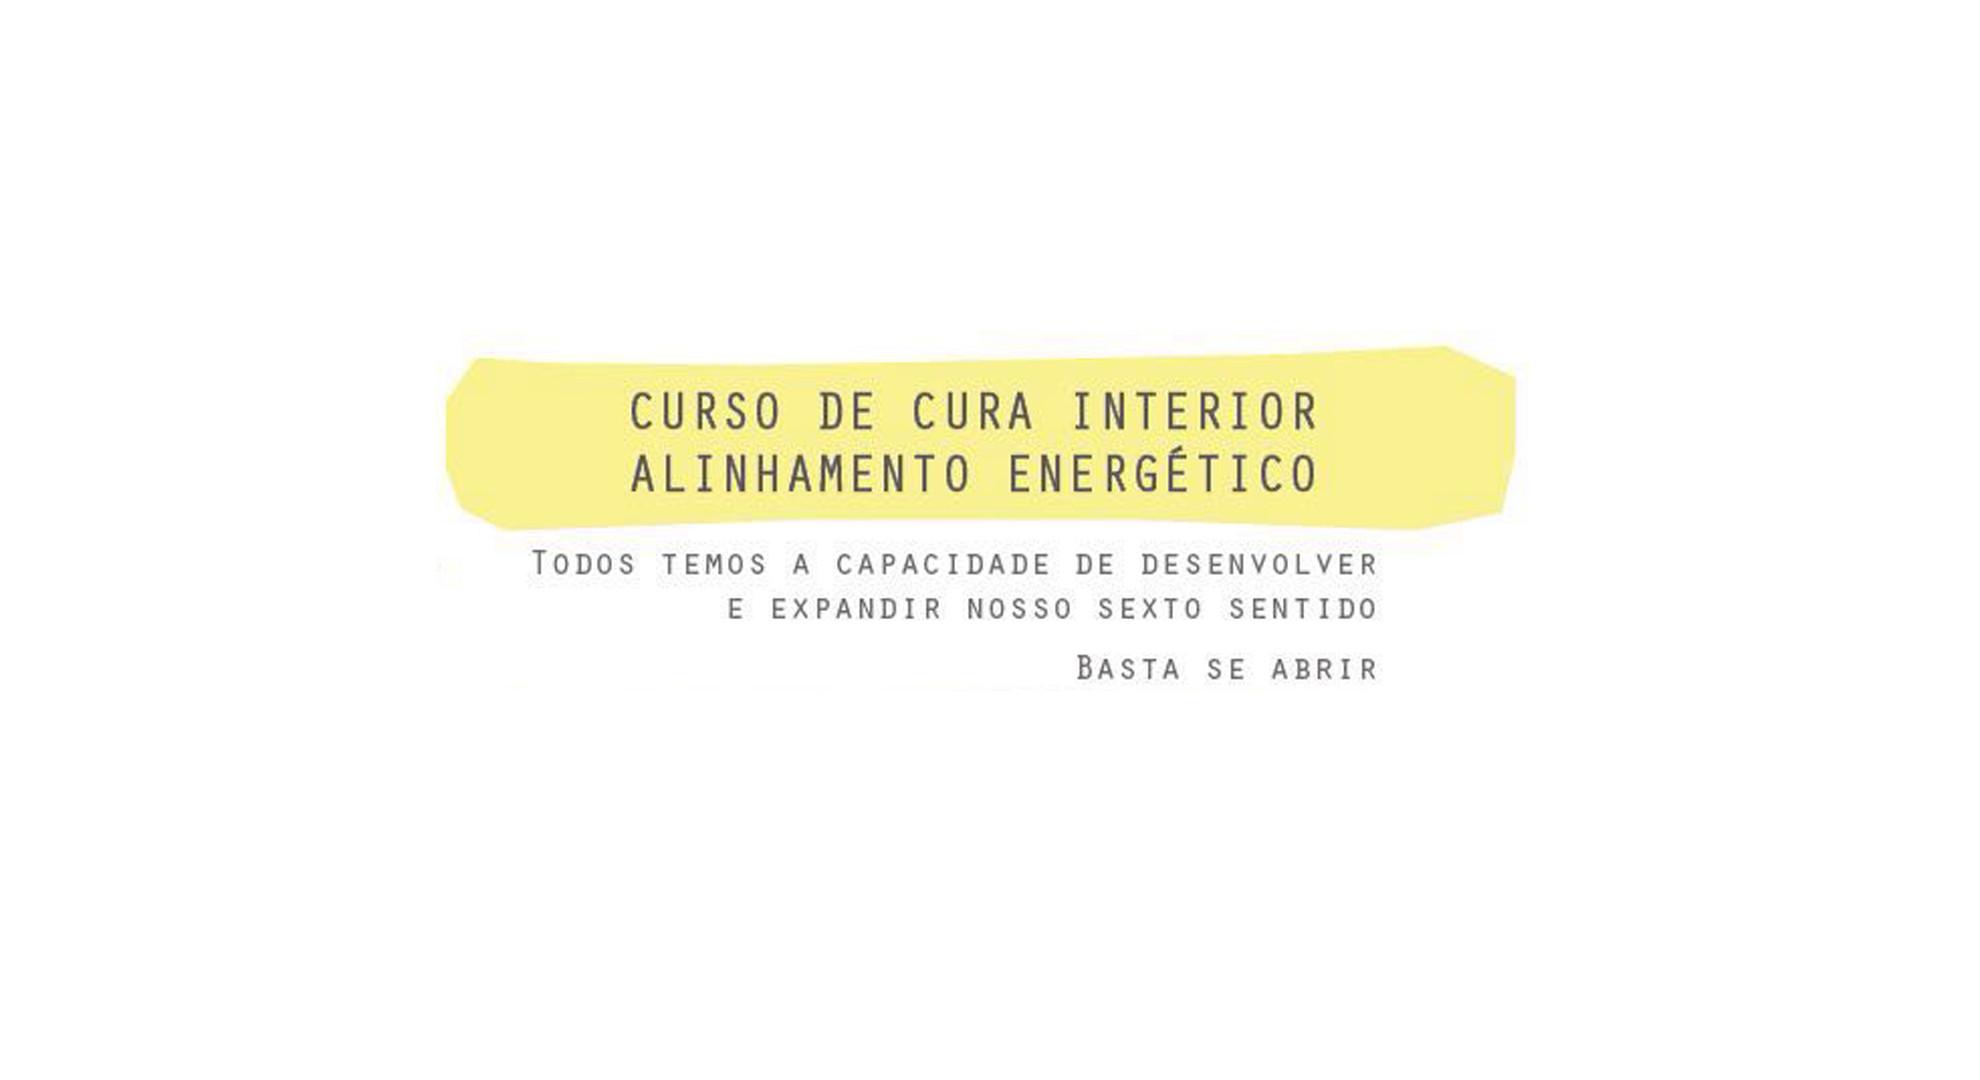 Alinhamento Energético 29e30/04*